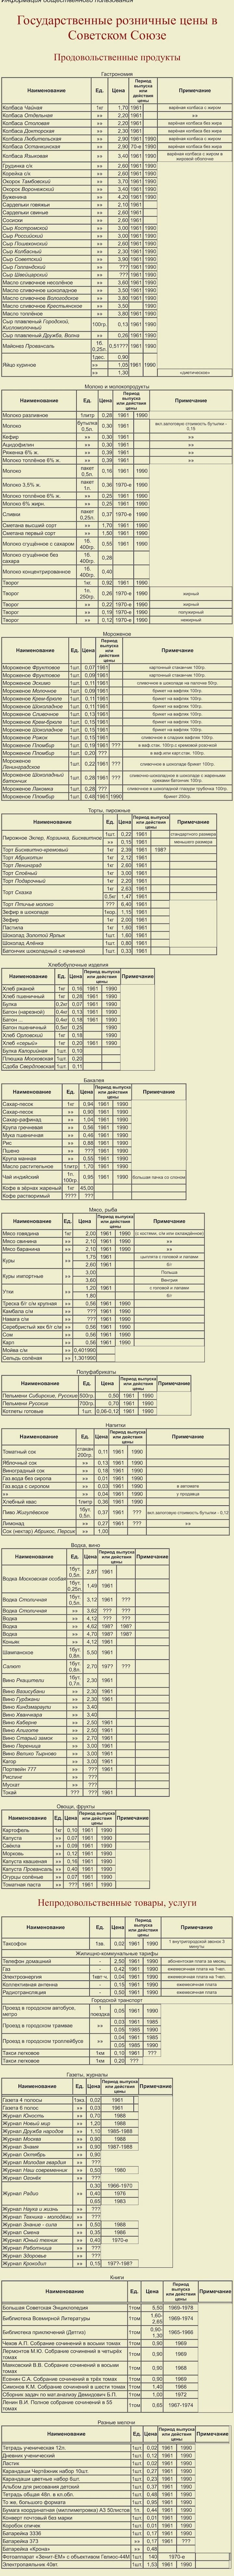 Государственные розничные цены в Советском Союзе СССР, еда, продукты, факты, цены